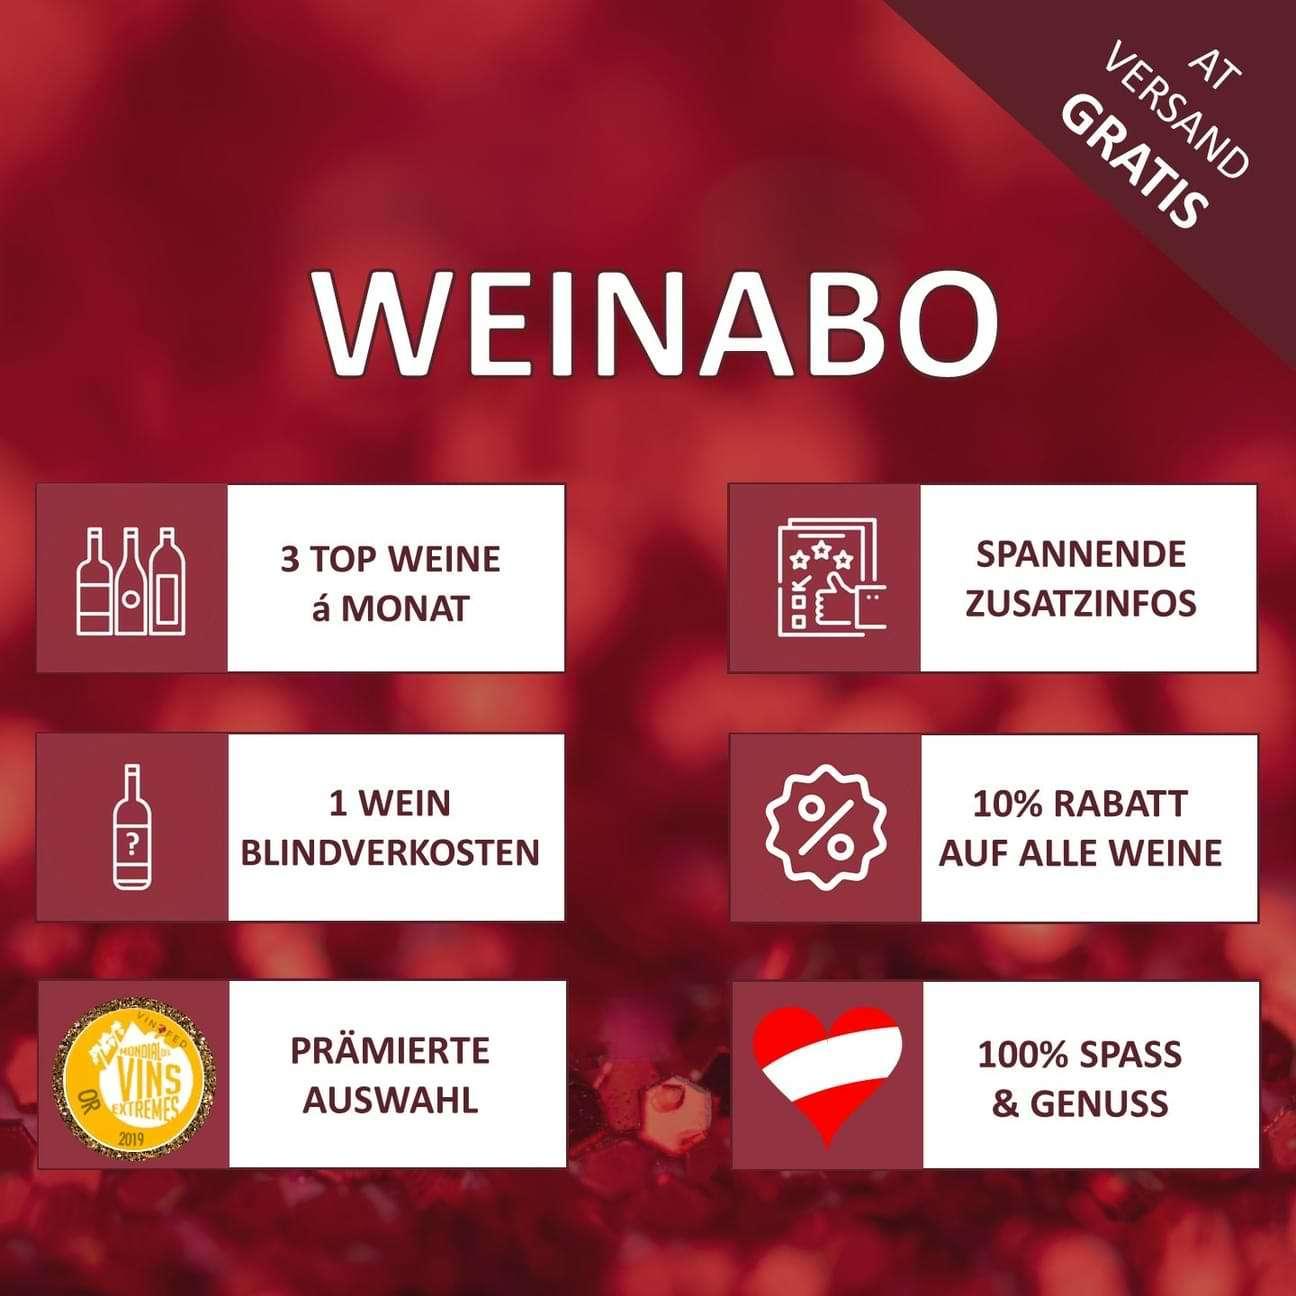 Weinabo